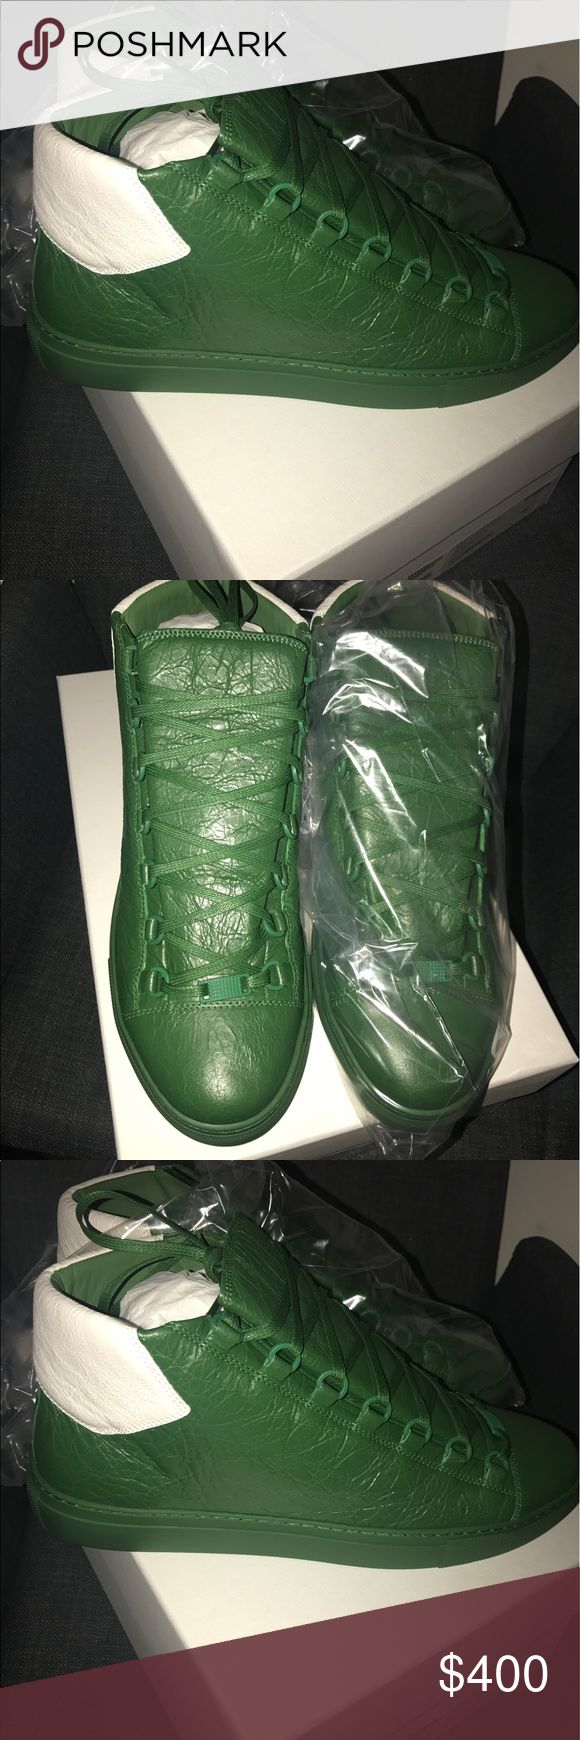 Men's Balenciaga Arena-Rare Color Edition Brand new never been worn Men's Balenciaga Arena sneakers Size 43 (Men's Us 10) Balenciaga Shoes Sneakers